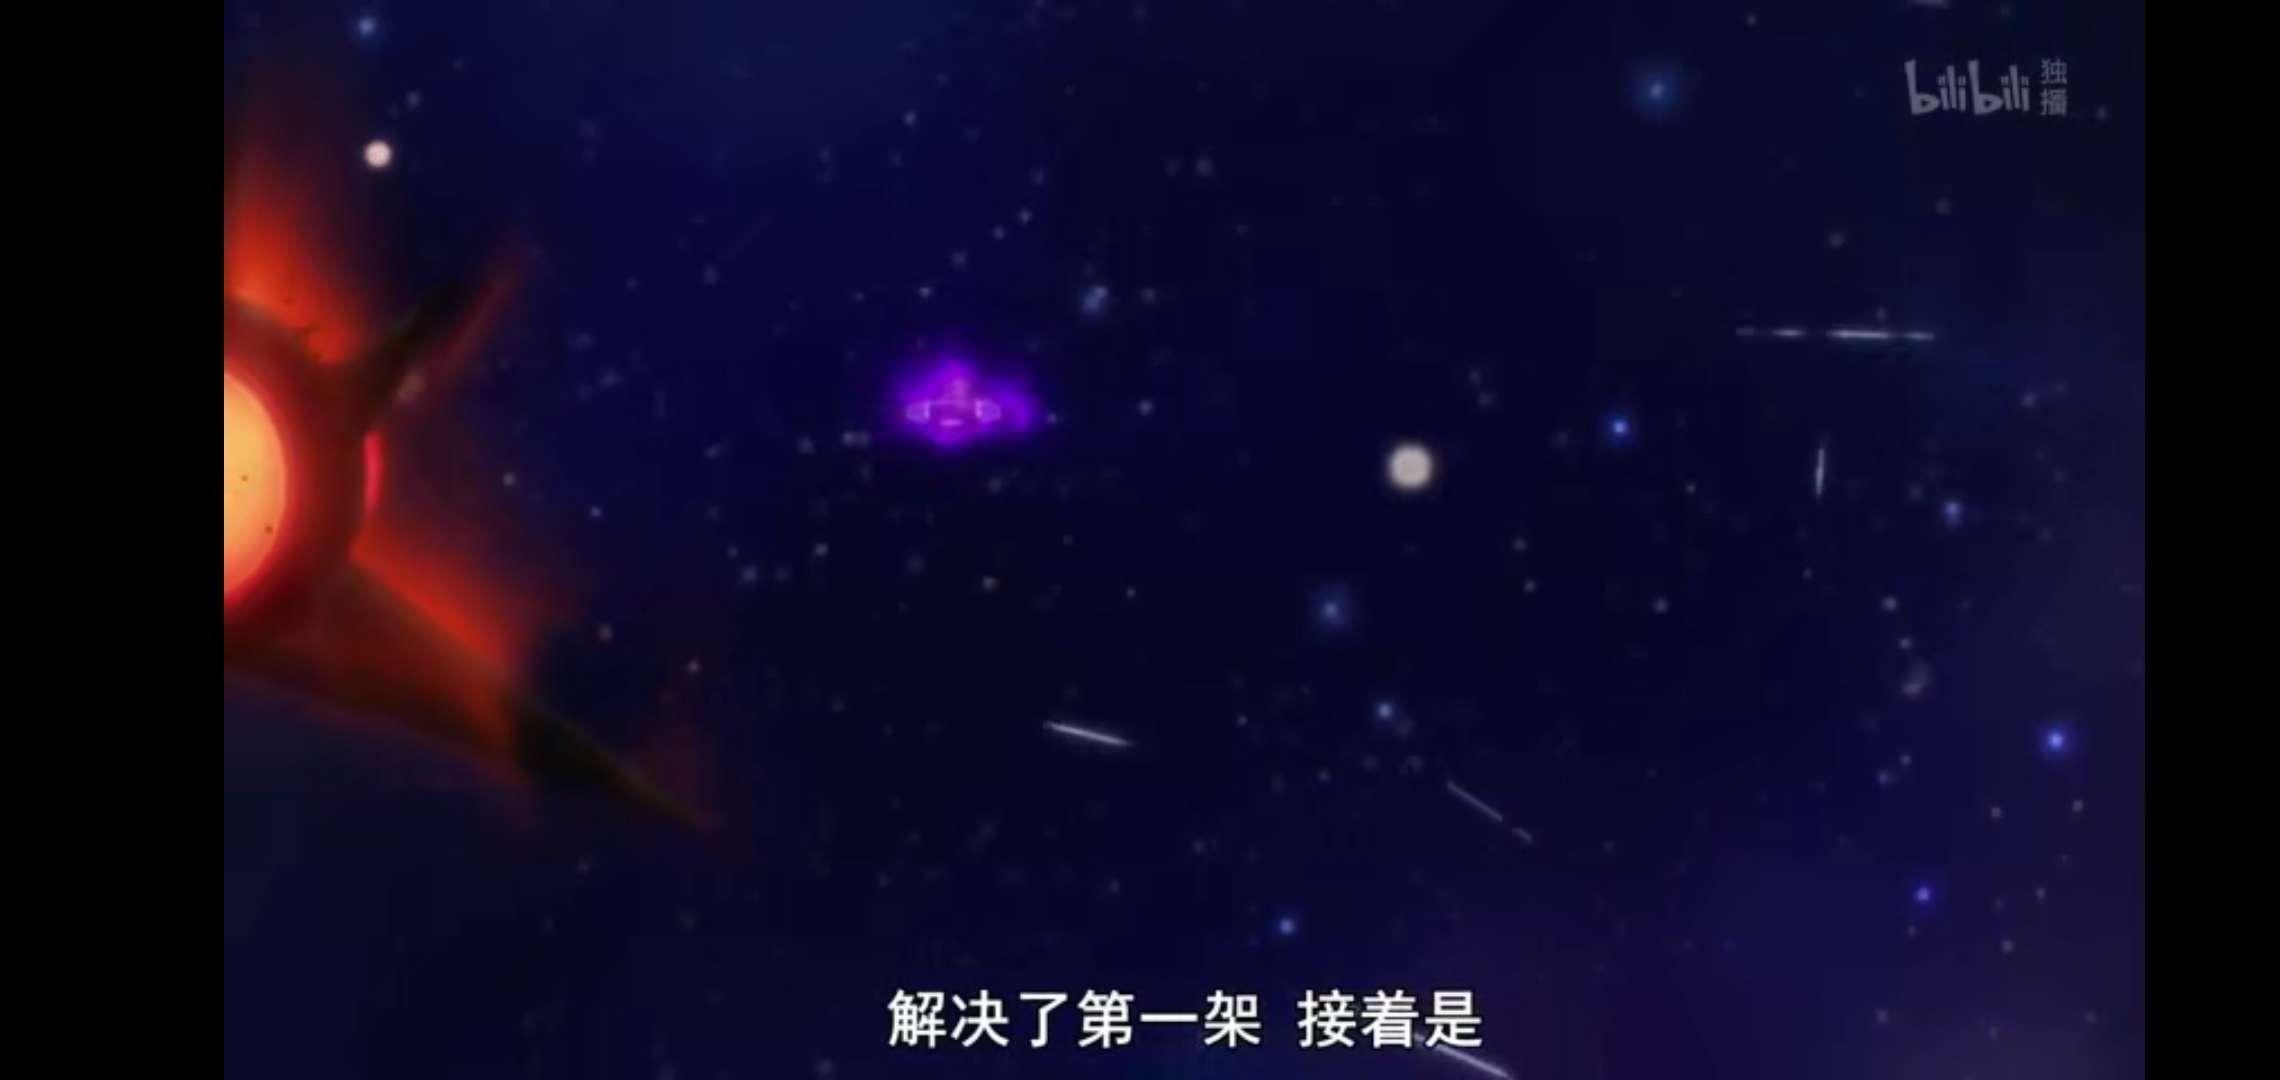 【动漫更新】月歌 第二季(11月25日任务帖)-小柚妹站